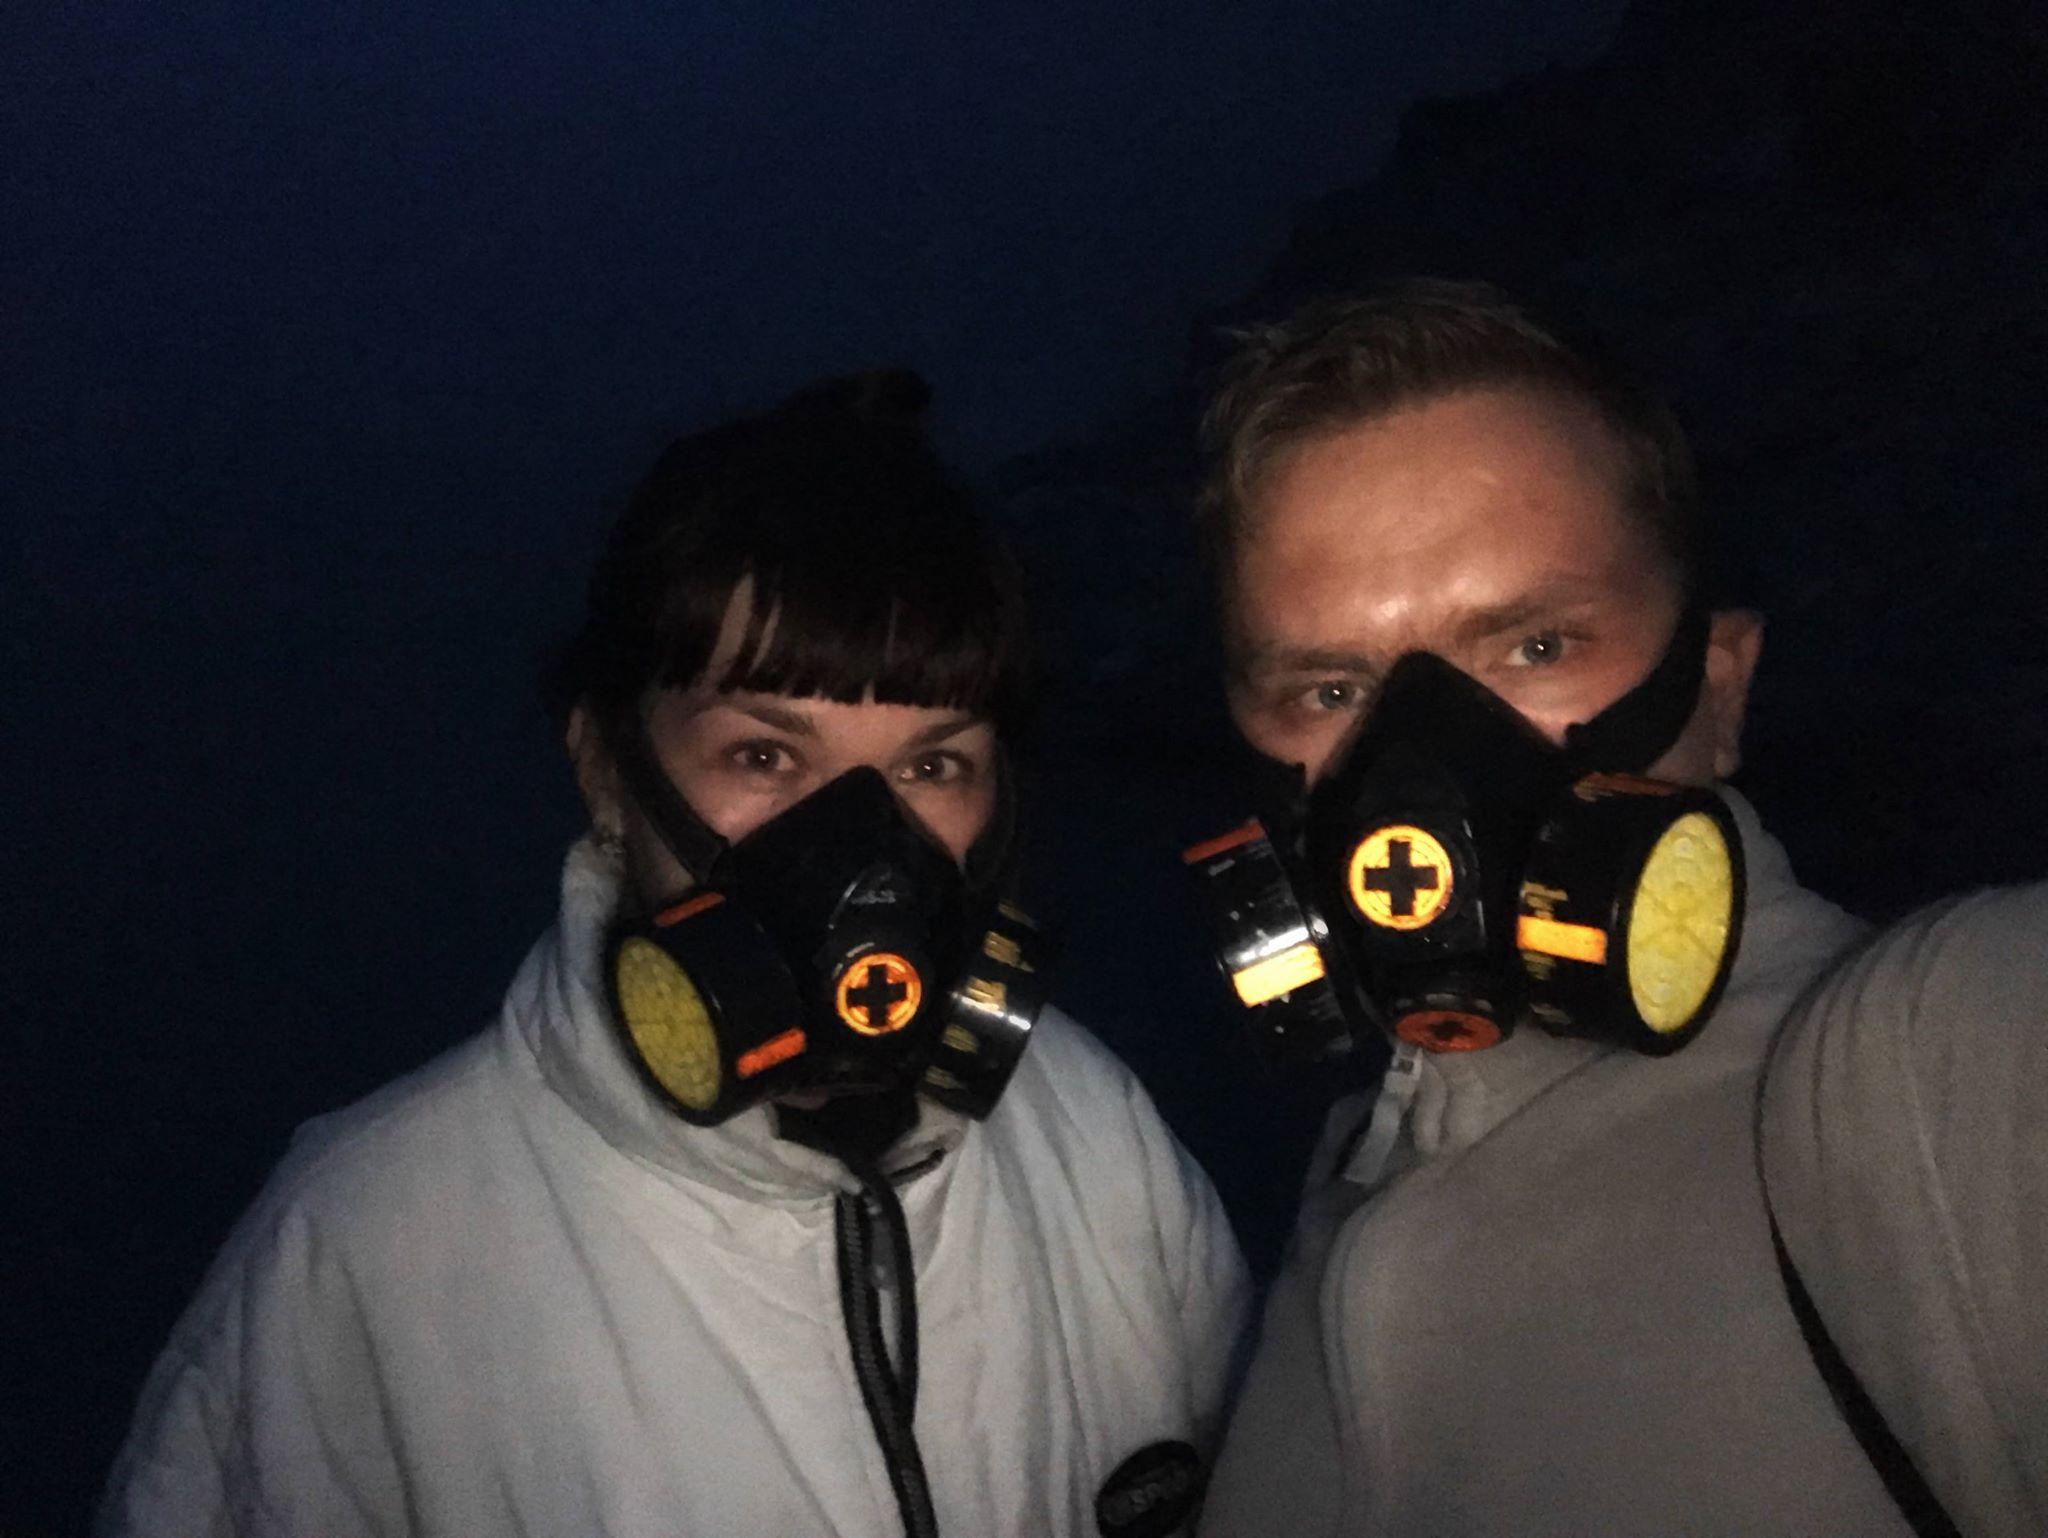 Запахло серой: ночной подъем на вулкан Иджен на острове Ява Запахло серой: ночной подъем на вулкан Иджен на острове Ява 29693223 1979885632328507 1373516948 o